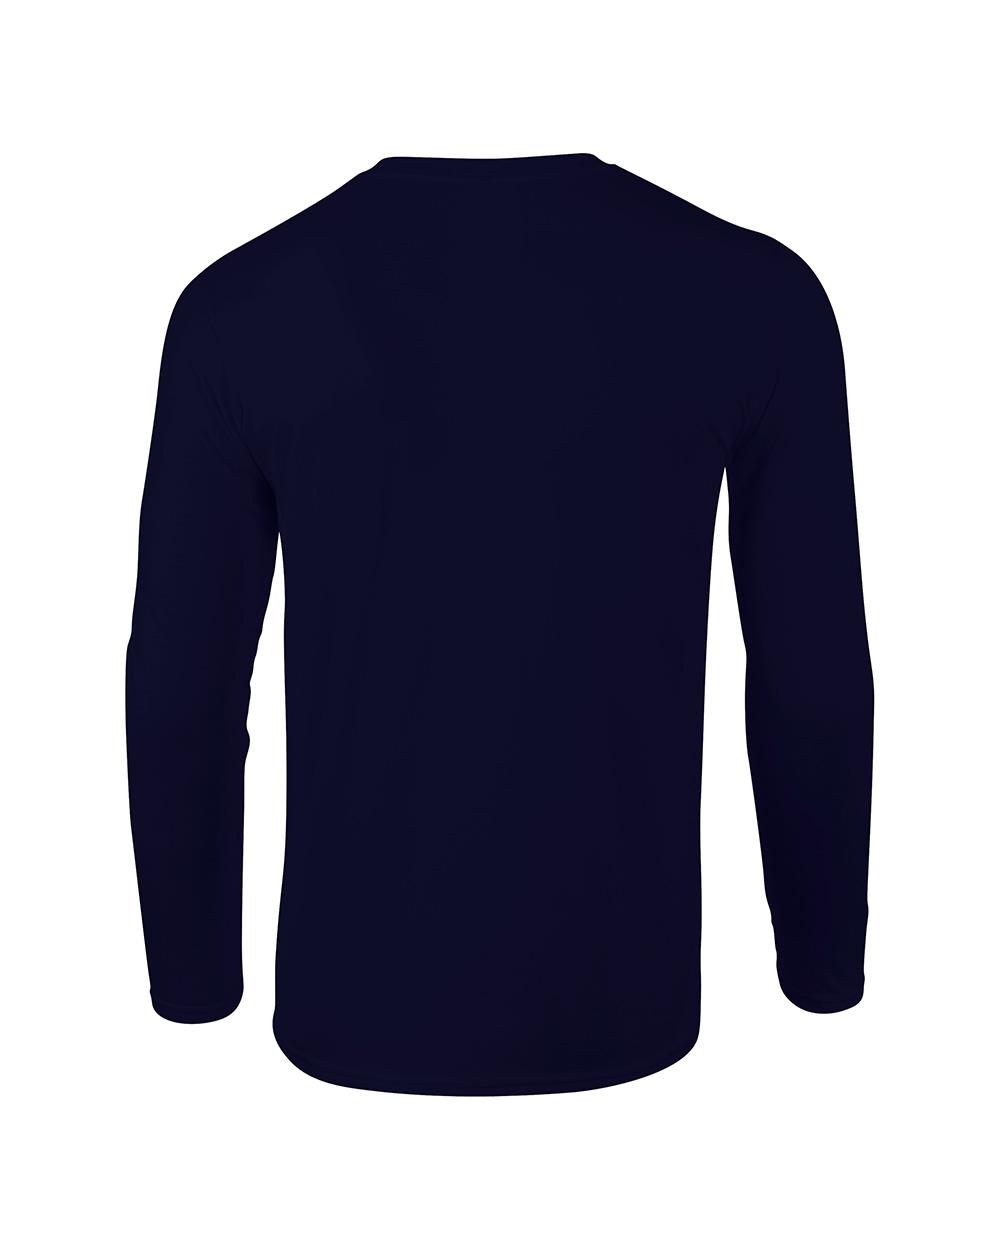 T shirt template navy clipart best for Navy blue t shirt template